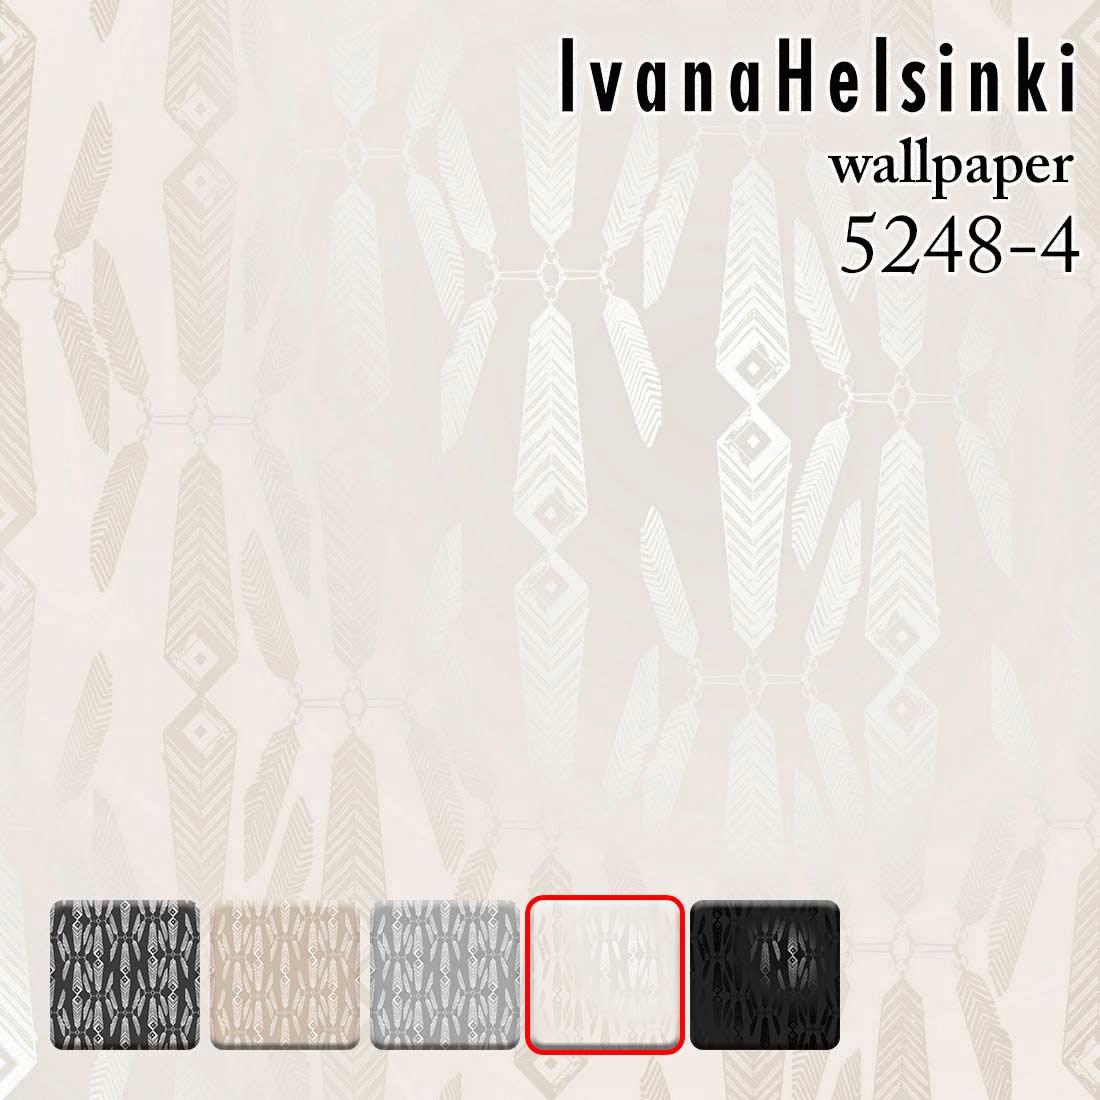 人気デザイナー Ivanahelsinki イヴァナヘルシンキフィンランド製 Wallpaper P10倍 ホワイト輸入壁紙ivanahelsinki 白 自然 北欧 羽根 裏面 フリース素材フェザー 53cm幅 10m巻 壁紙5248 4 その他 Www Fepp Org Ec